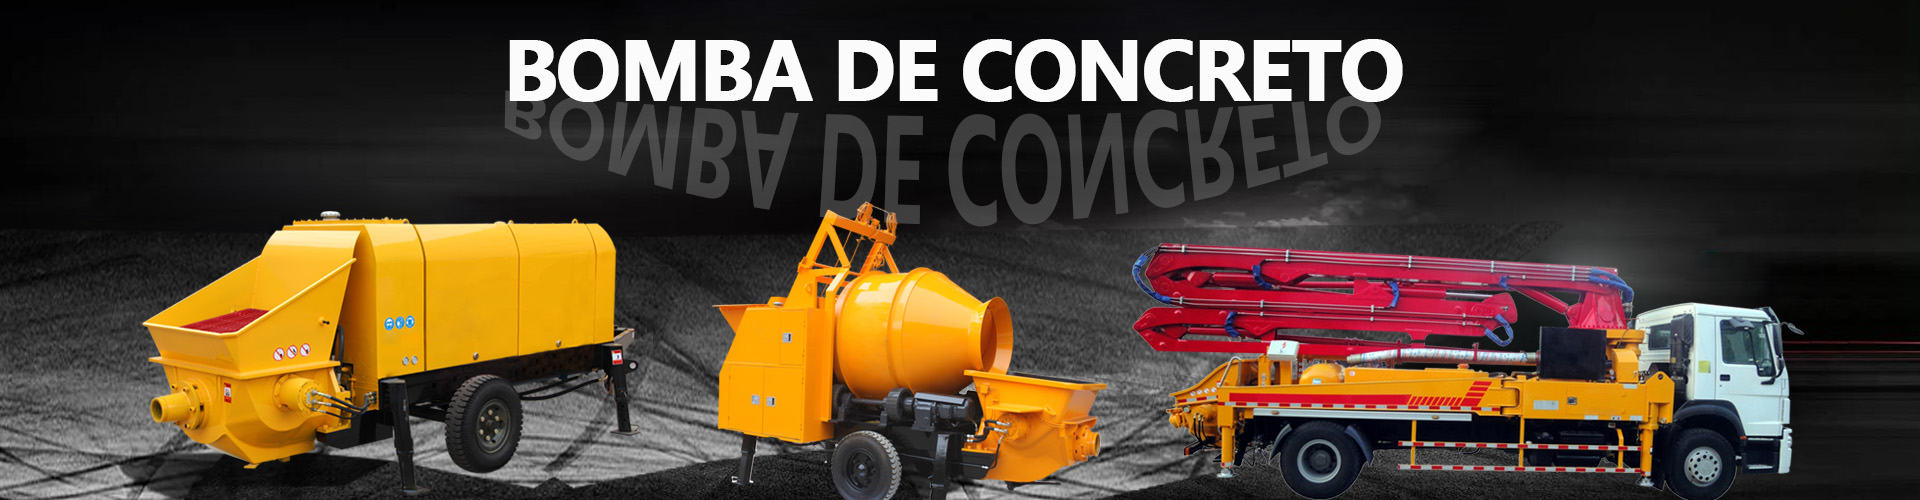 Bombas De Concreto Confiables